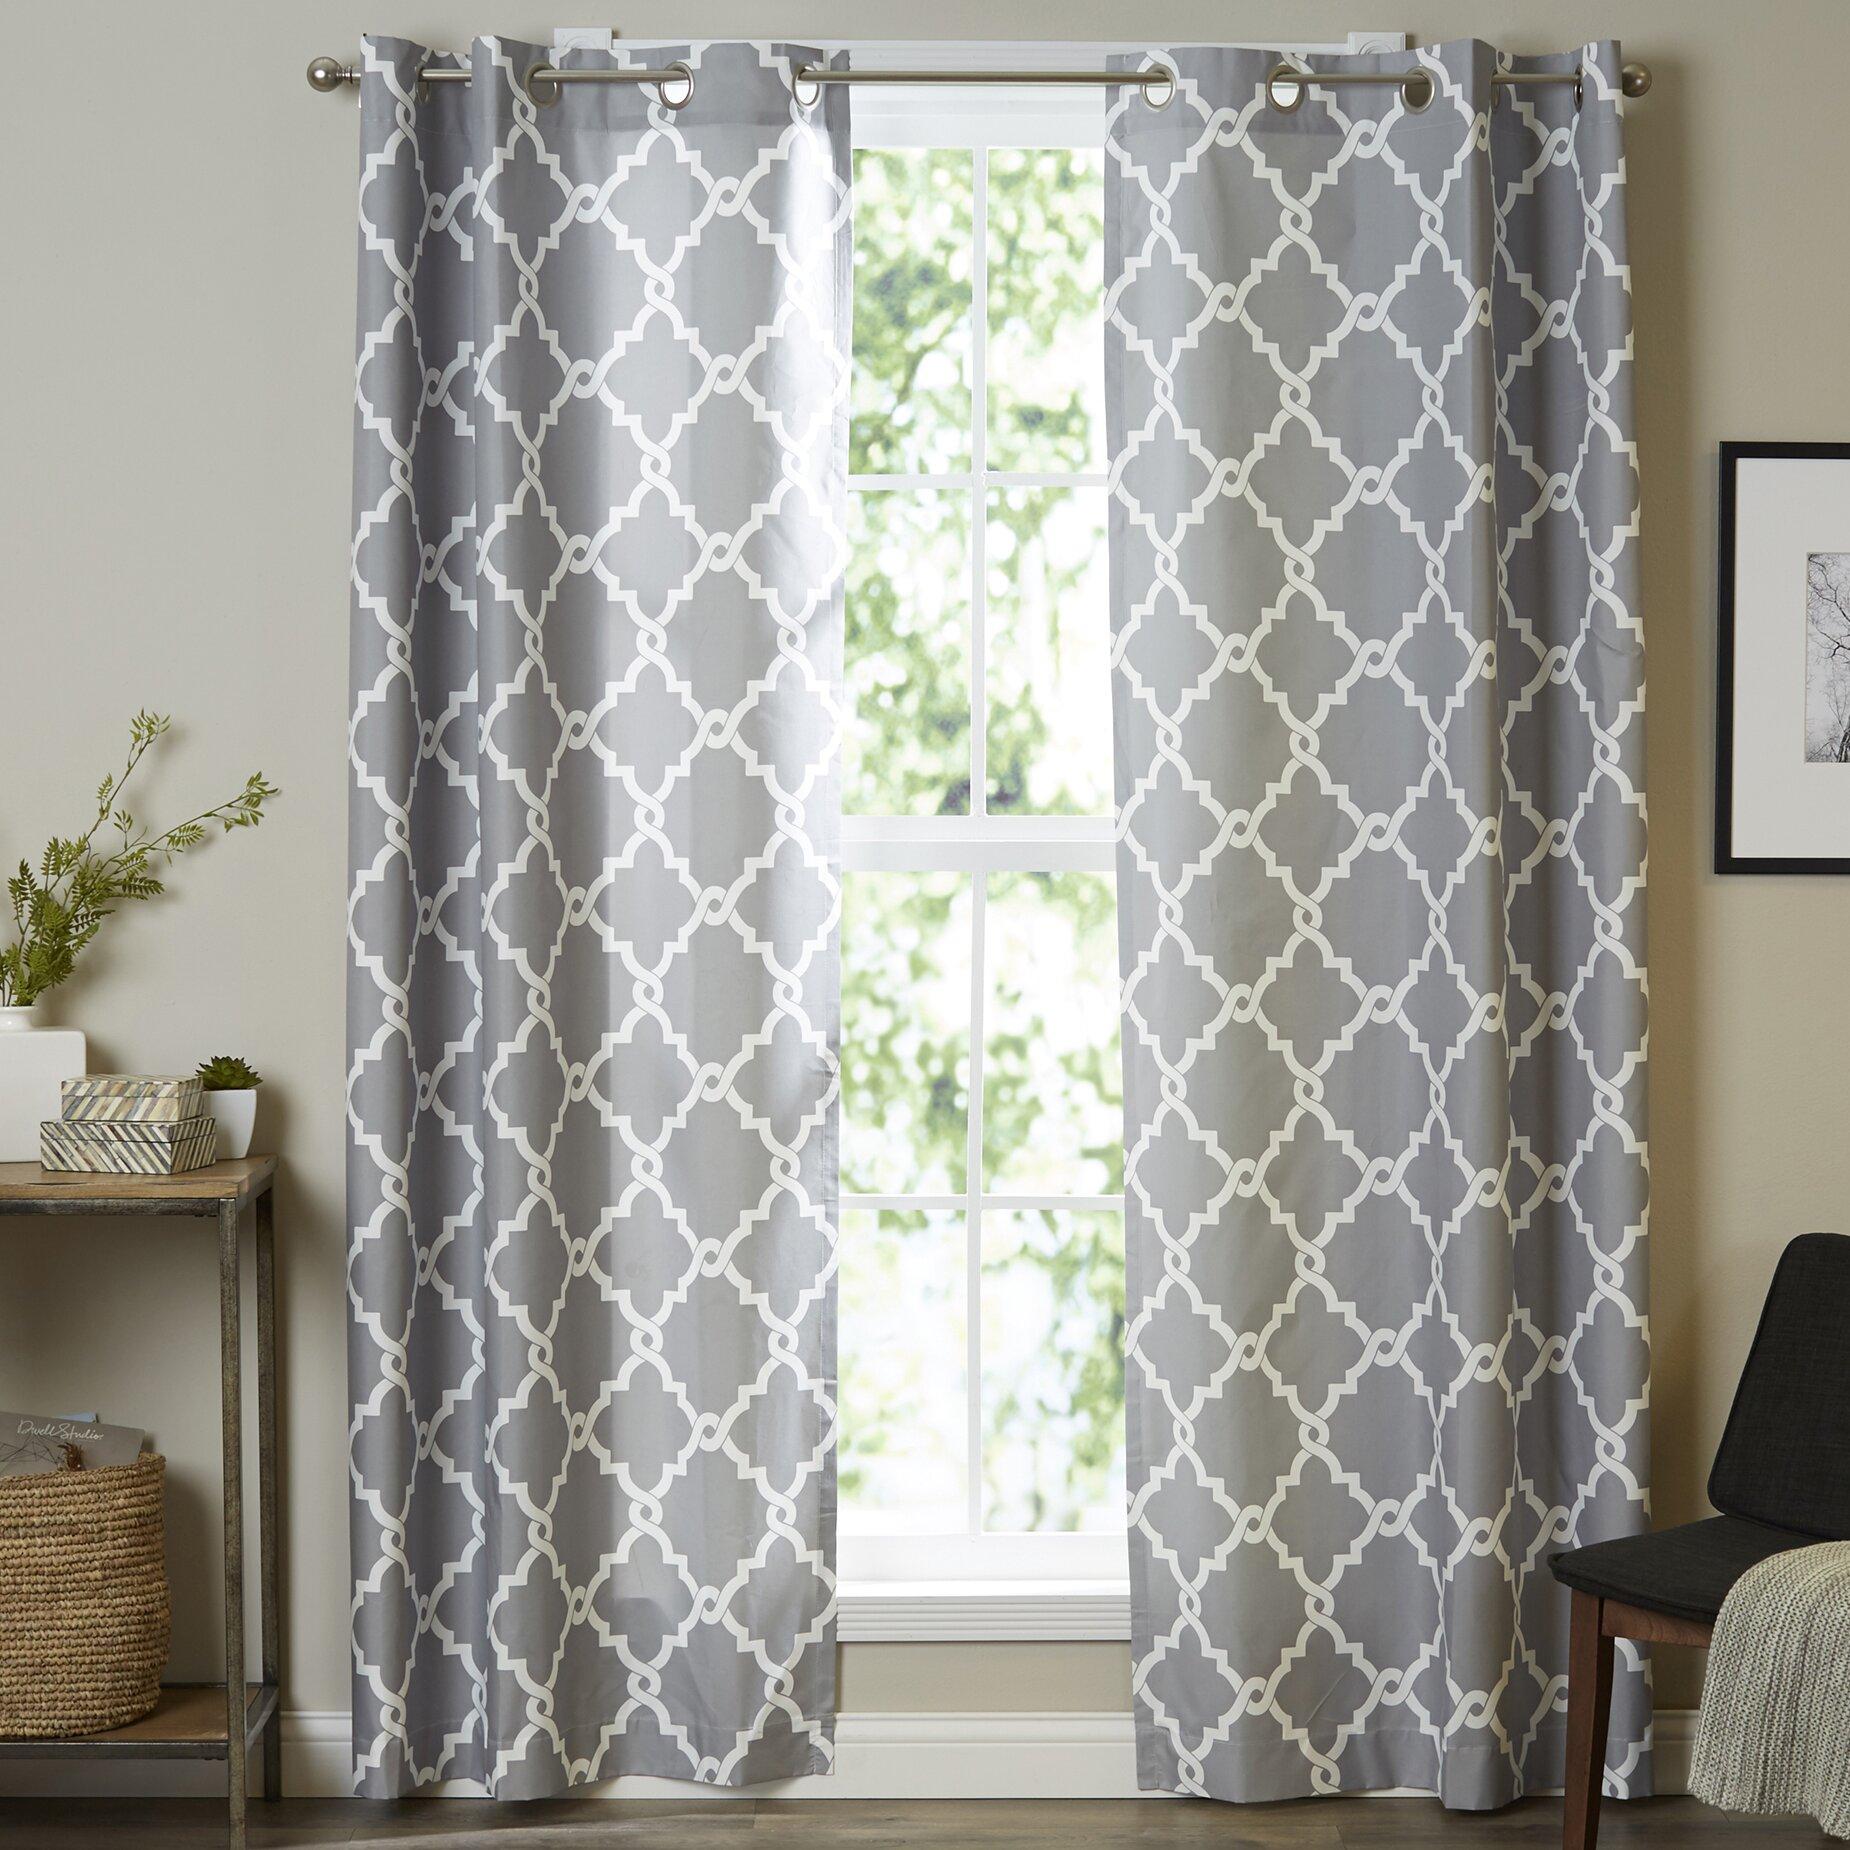 Latitude Run Browning Geometric Semi-Sheer Grommet Curtain